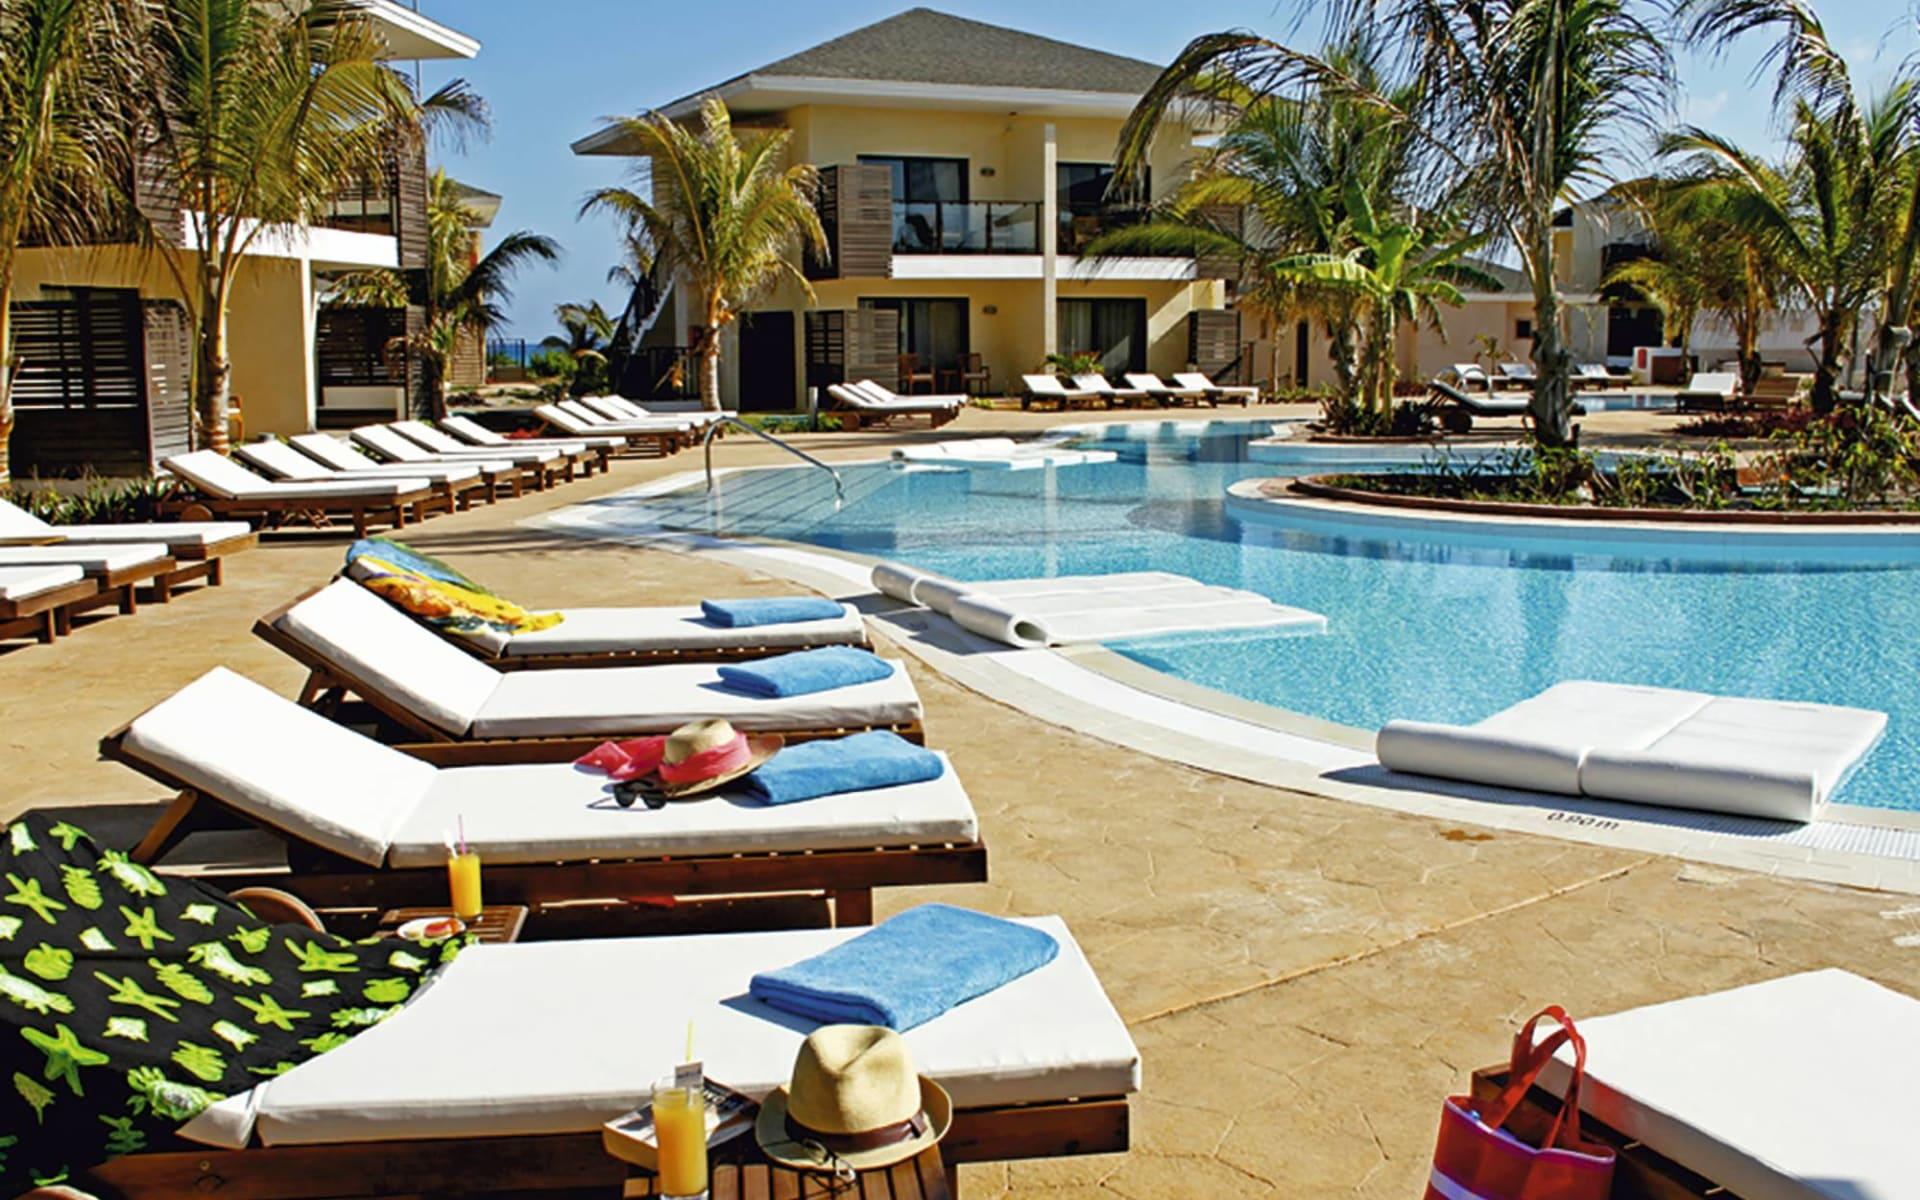 Melia Buenavista all inclusive Royal Service & Spa in Cayo Santa Maria: pool melia buenavista all inclusive royal service and spa liegestühle pool